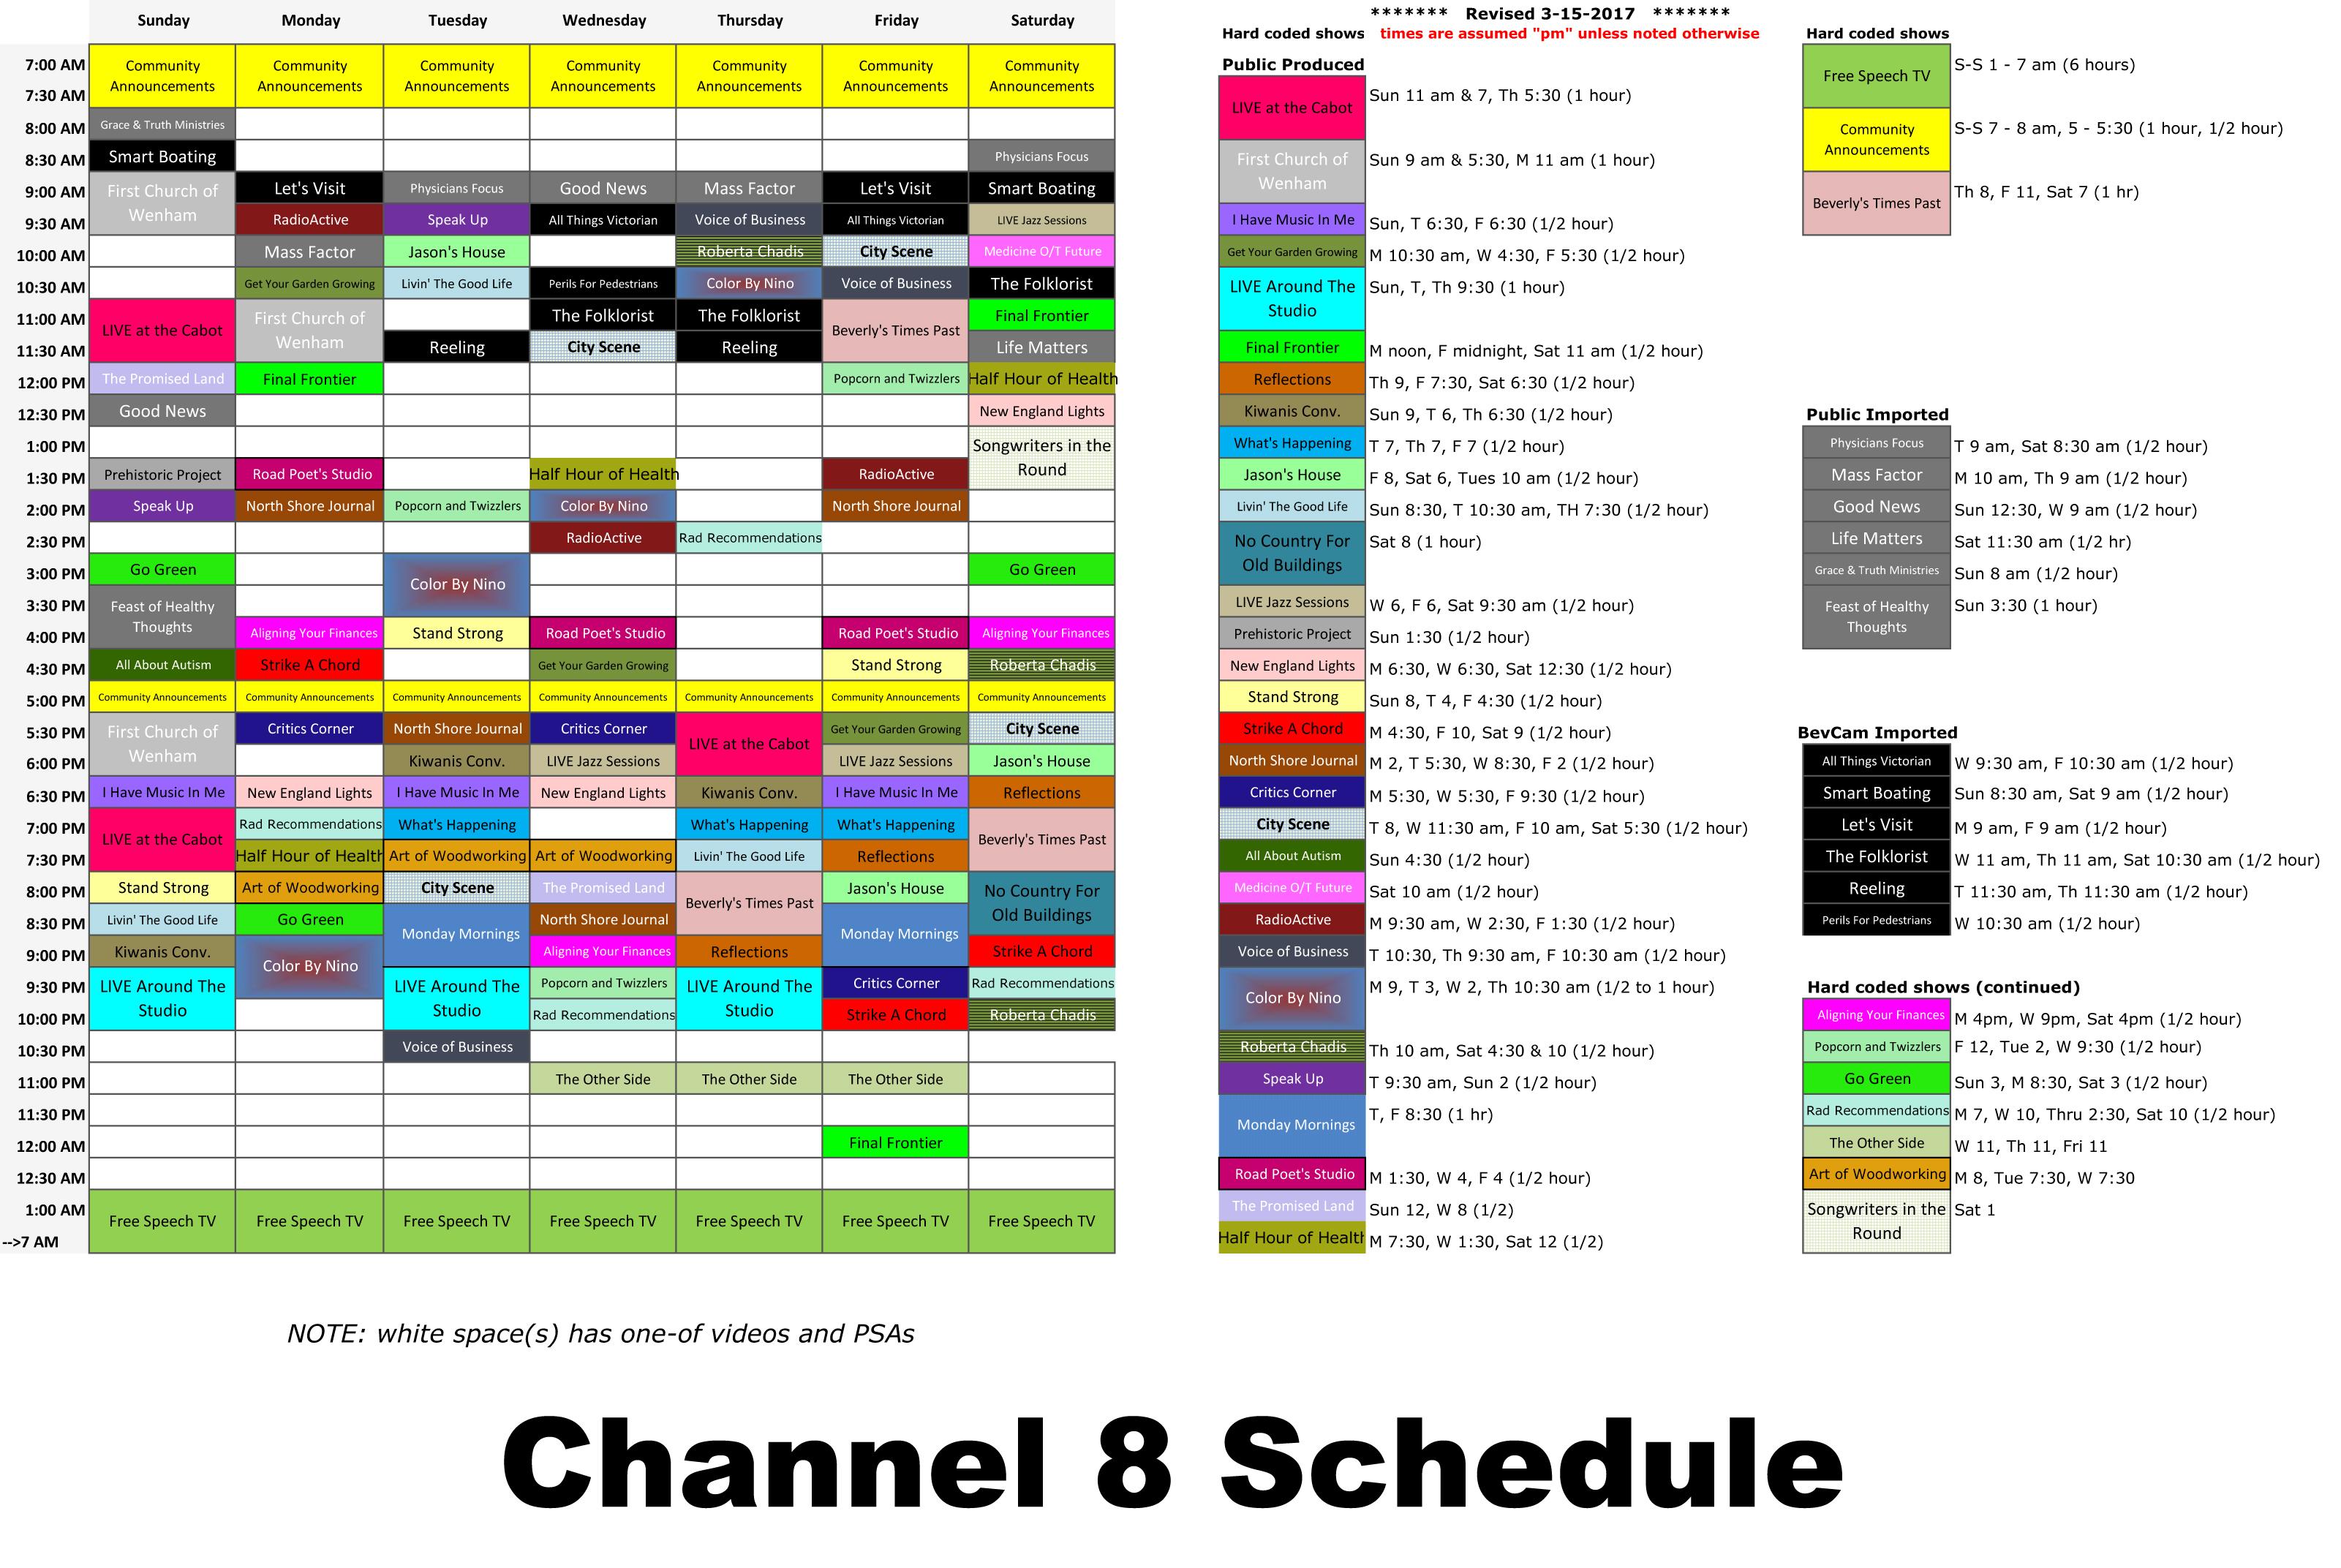 Channel 8 Schedule (rev 3-15-2017) - BevCam